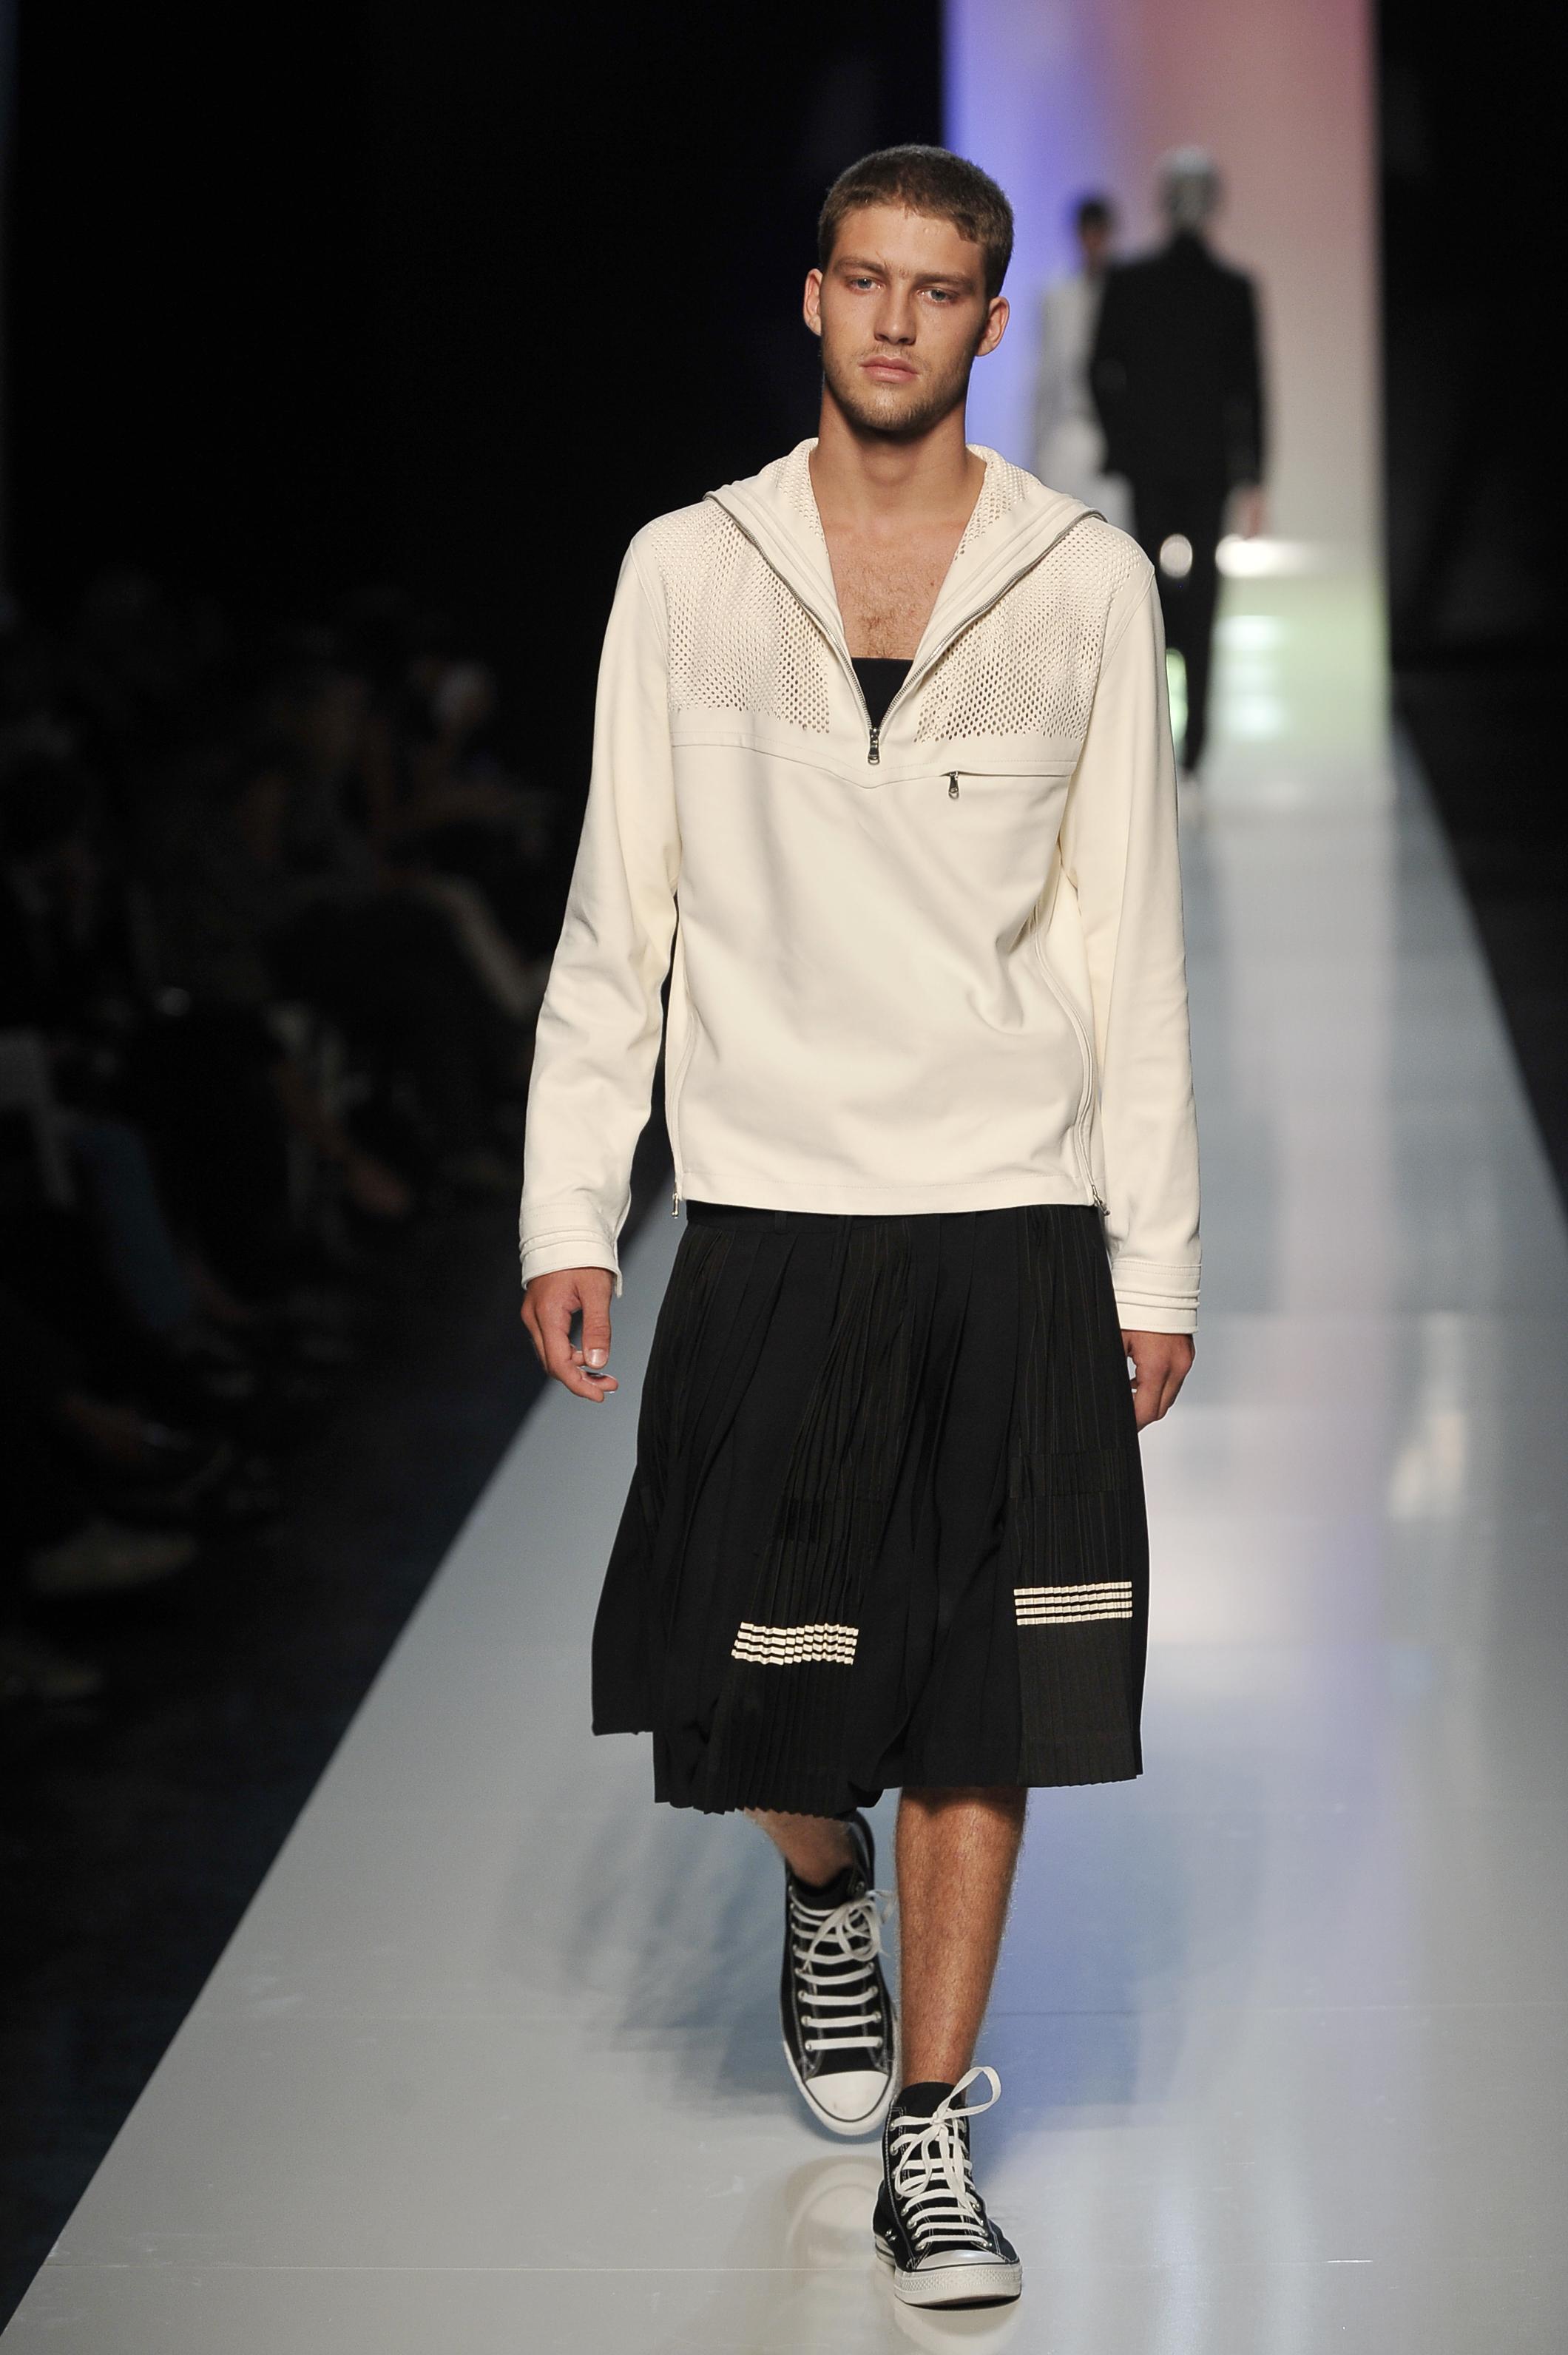 Les vrais mecs portent des jupes. Tout savoir sur les ...